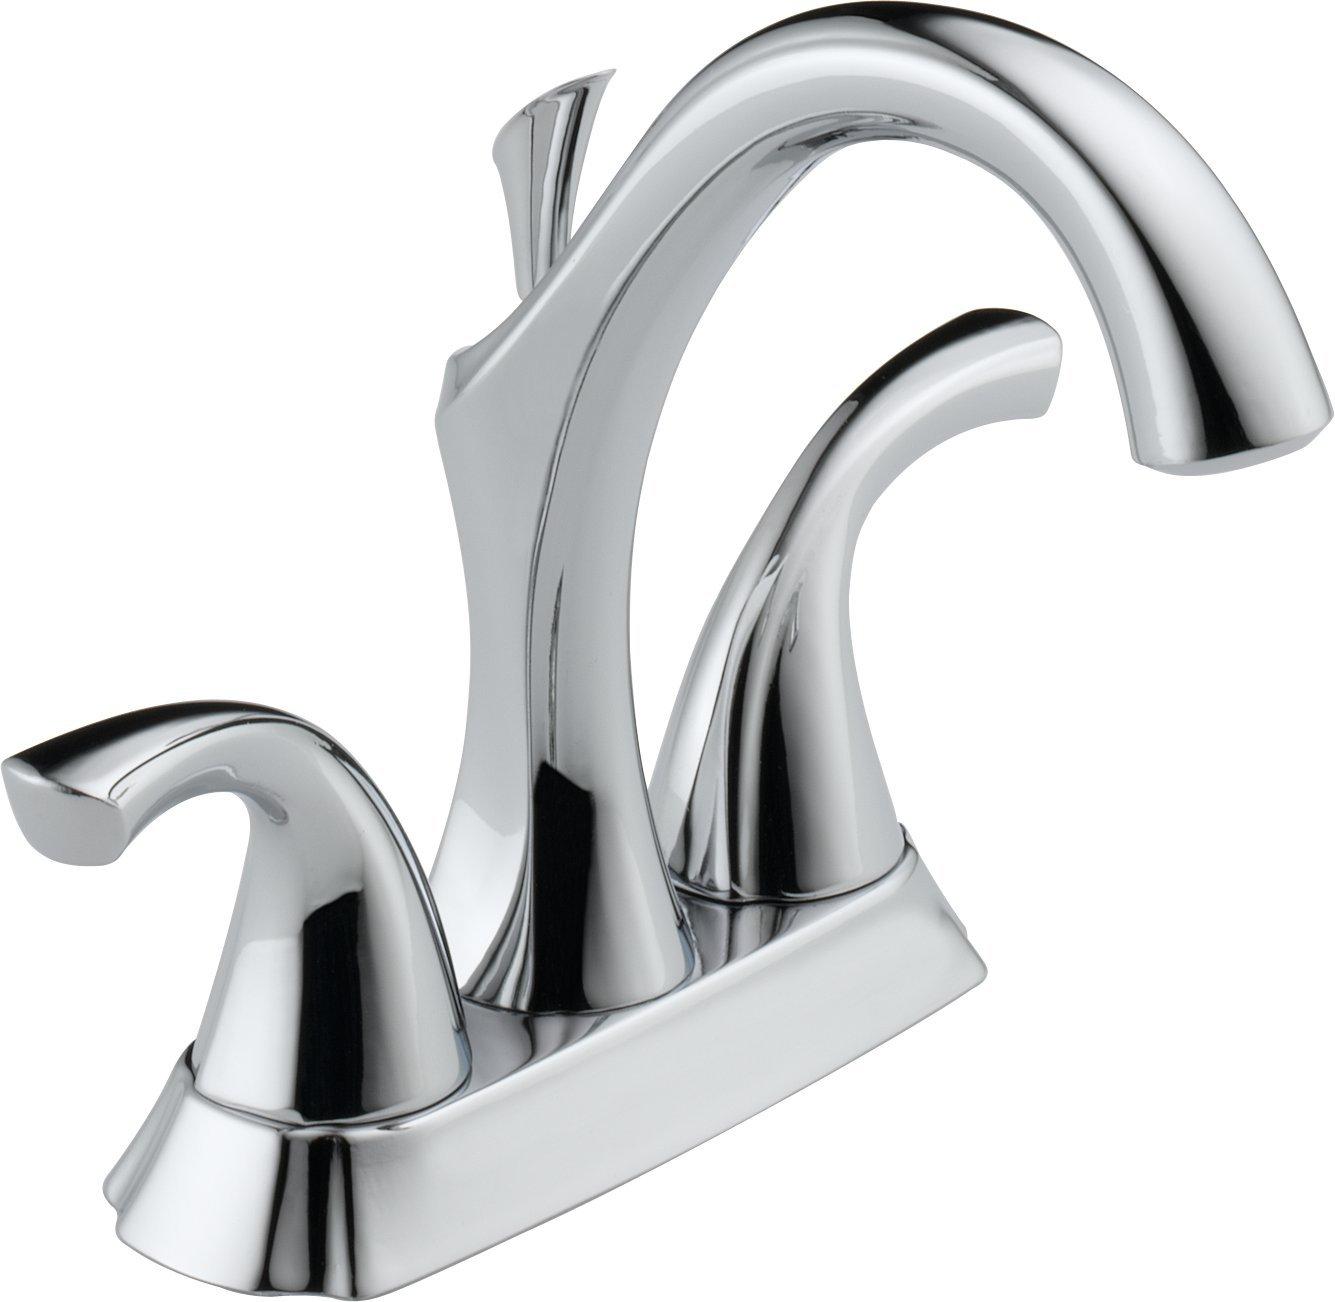 Delta Faucet 2592 Mpu Dst Addison Two Handle Centerset Lavatory